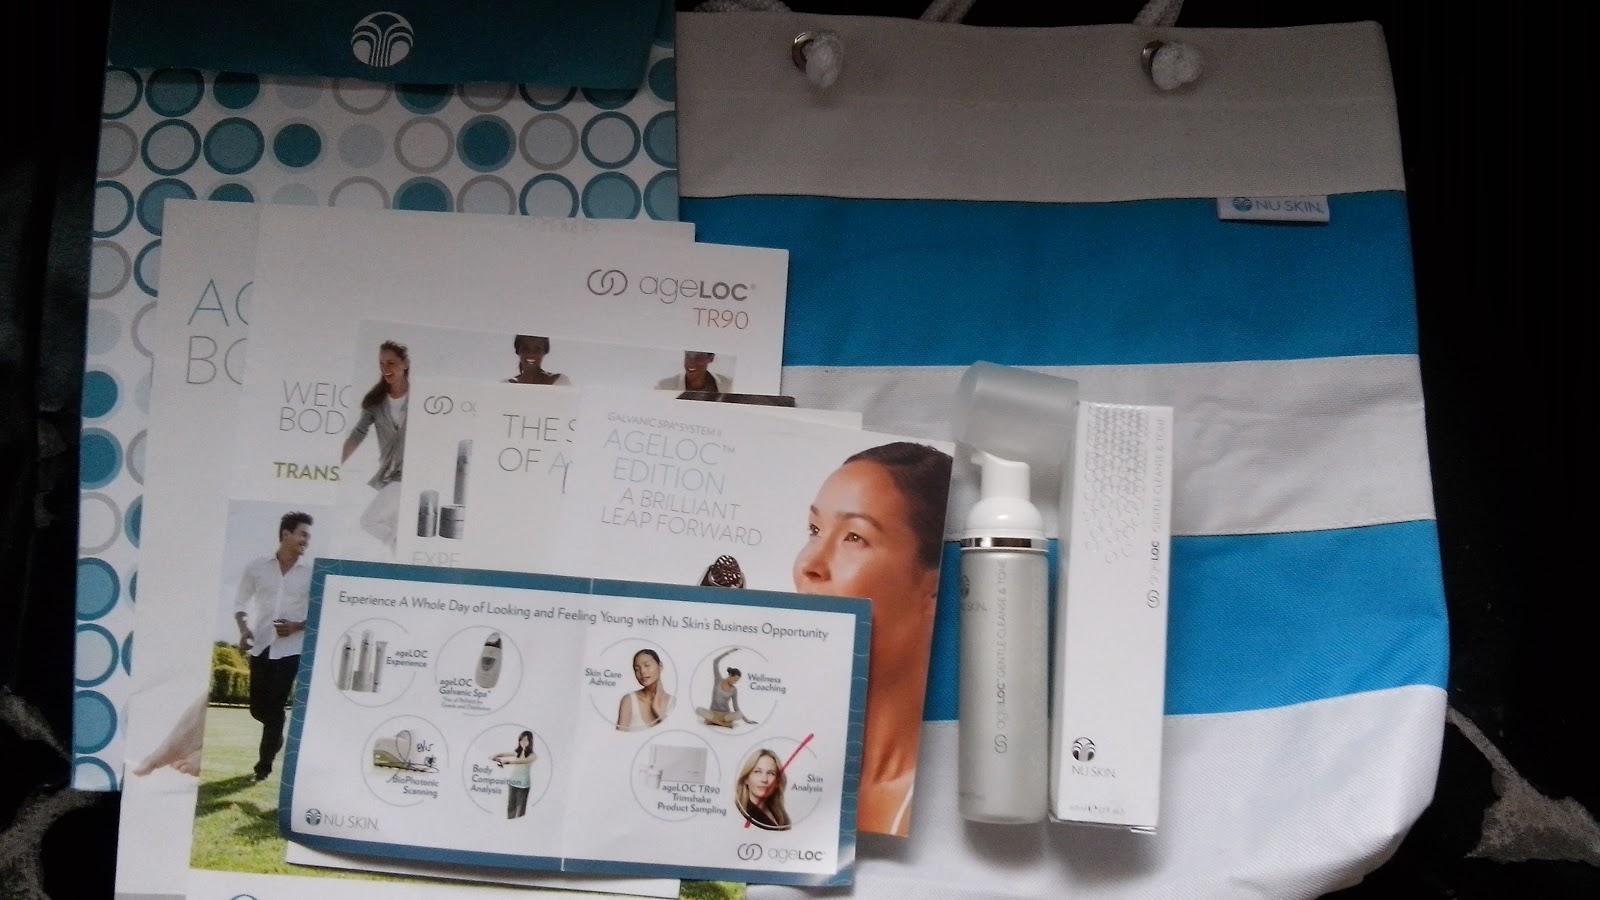 pisceanrat: Nu Skin ageLOC Expo